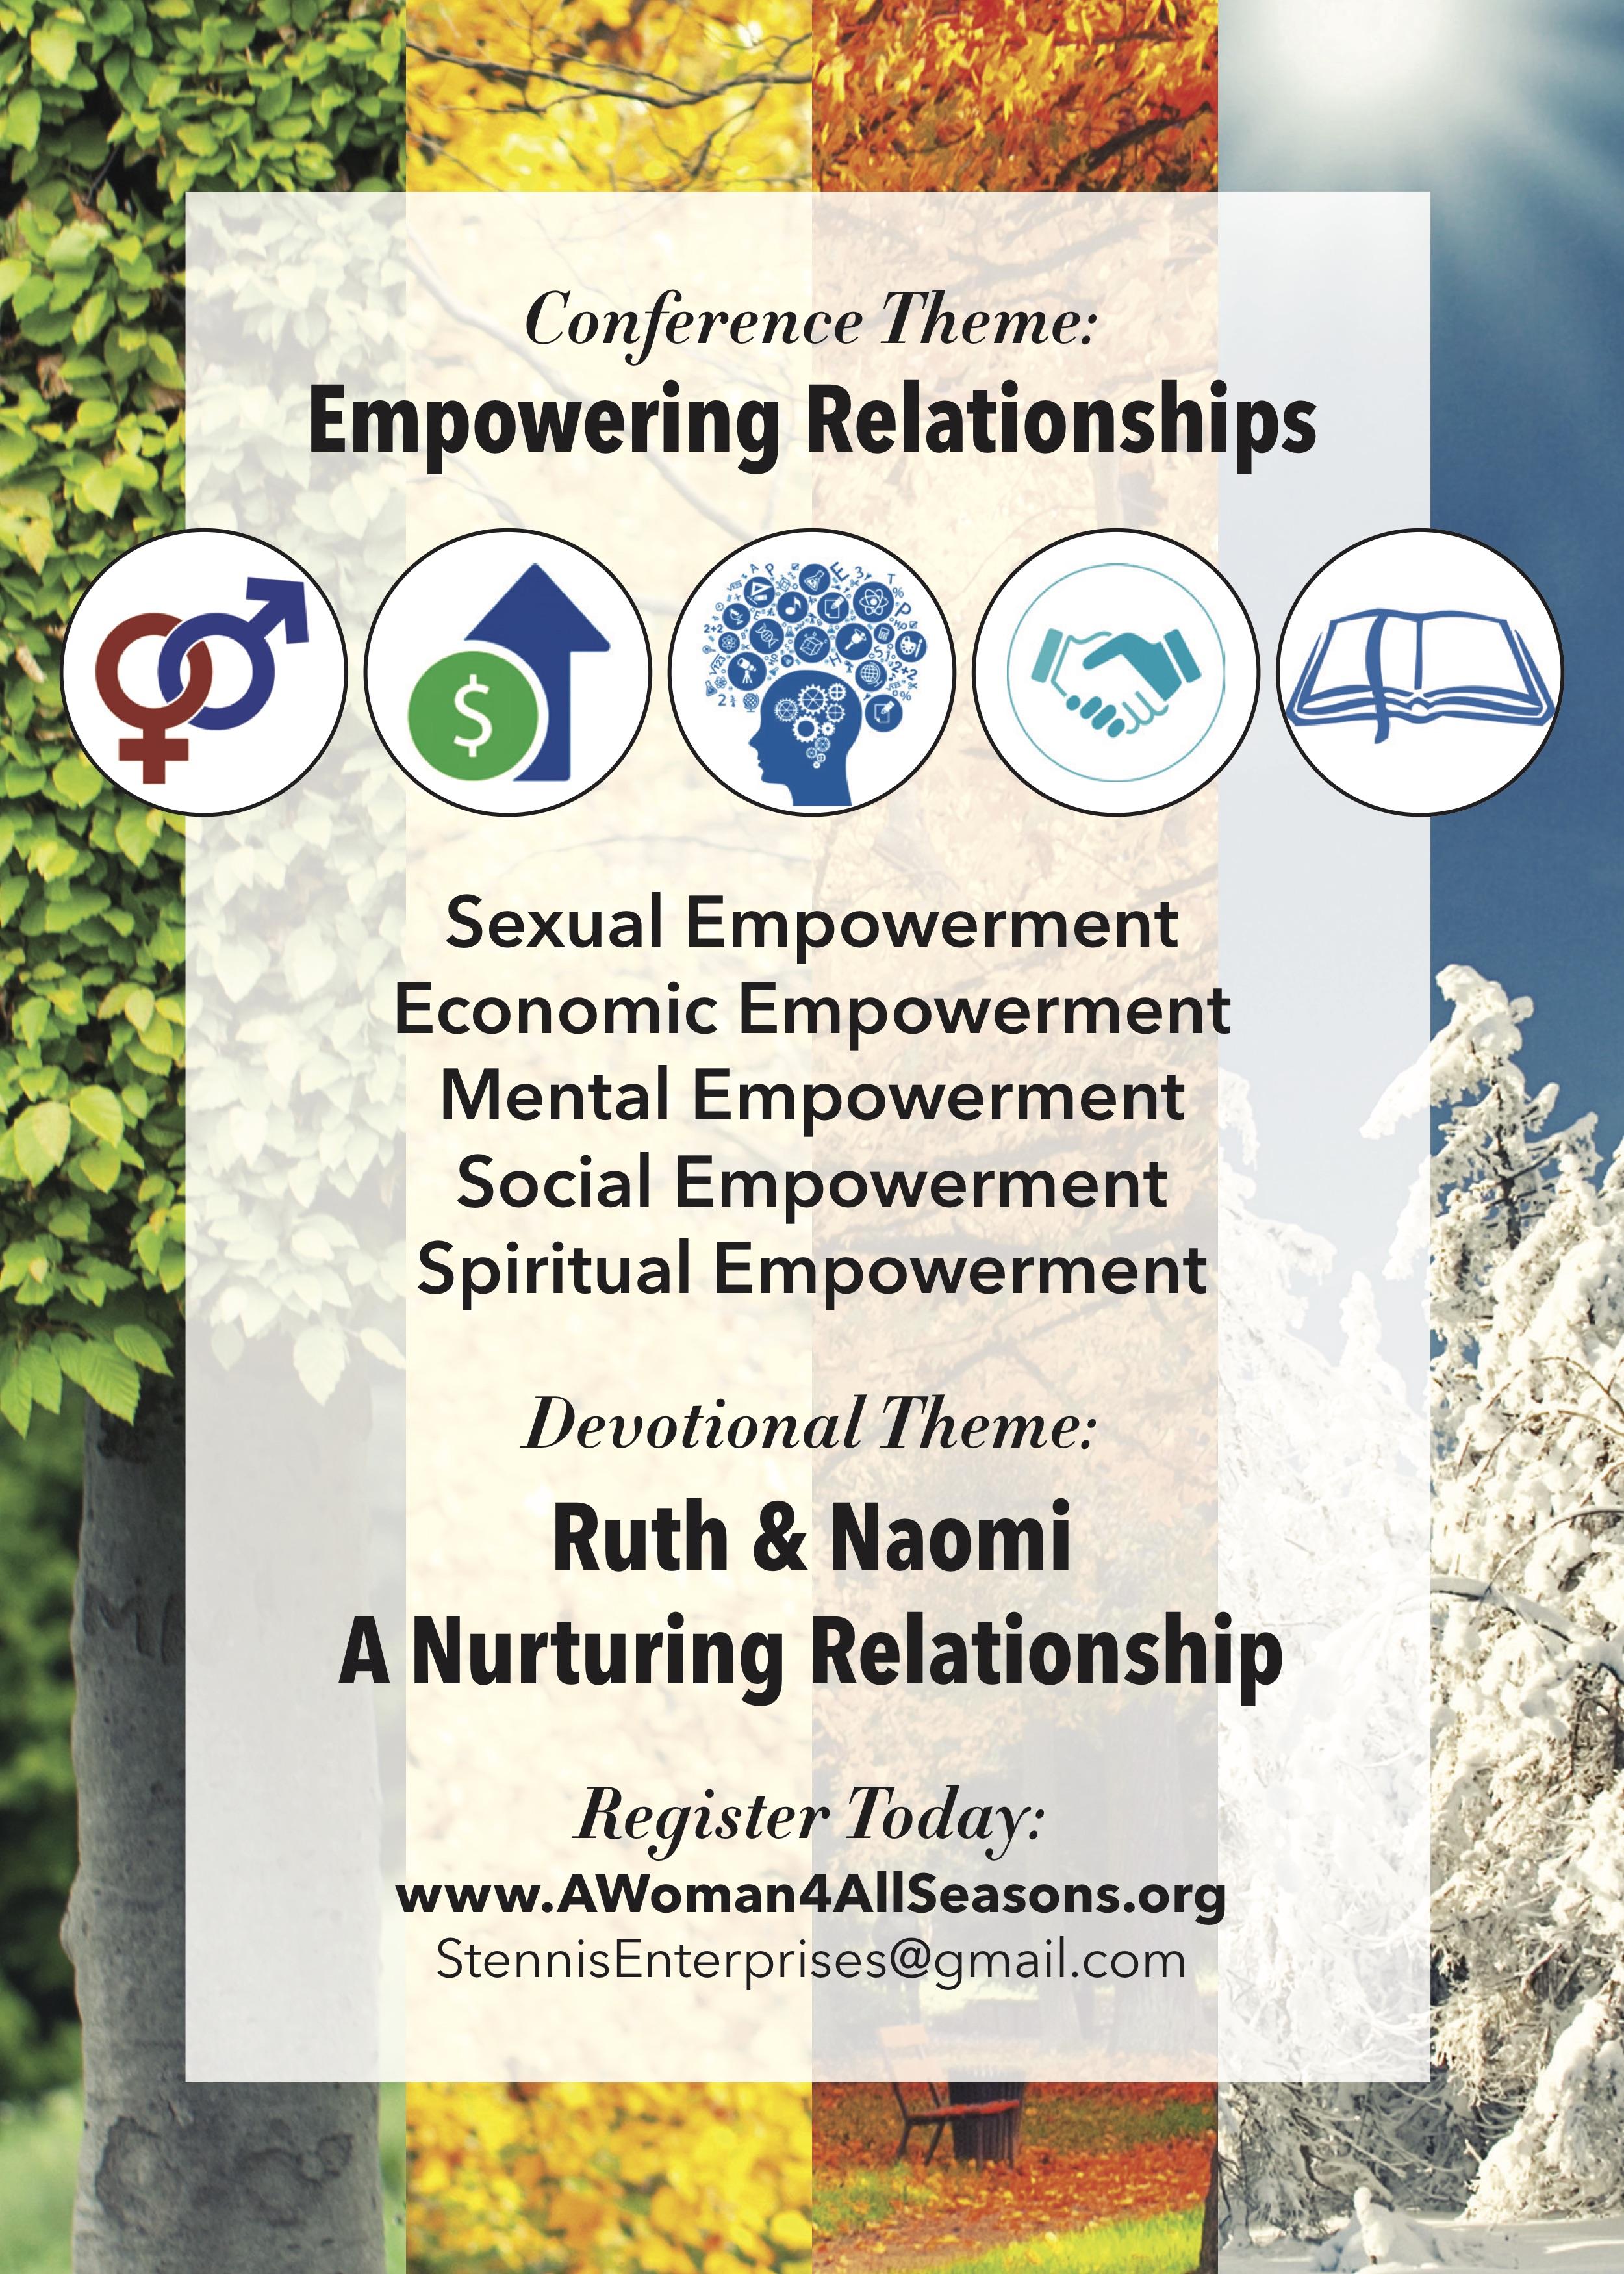 New Flyer Sex. Empower-20181.jpg